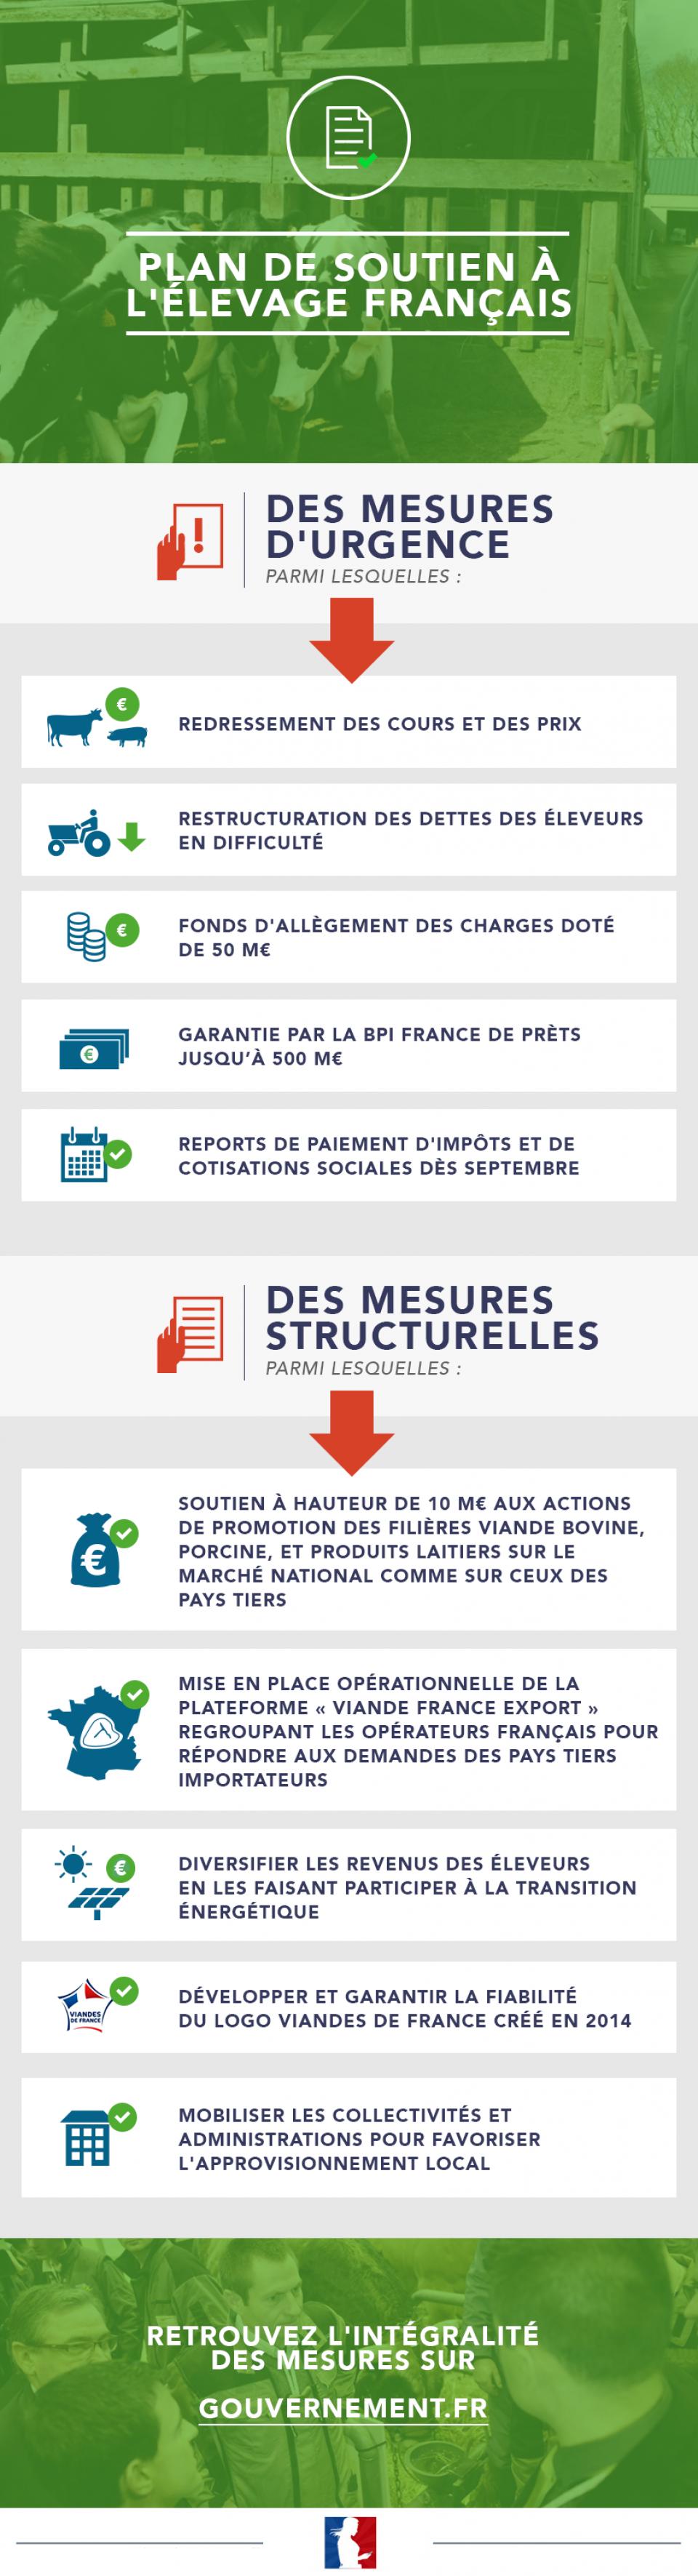 Plan de soutien à l'élevage français: des mesures d'urgence et des mesures structurelles - voir en plus grand